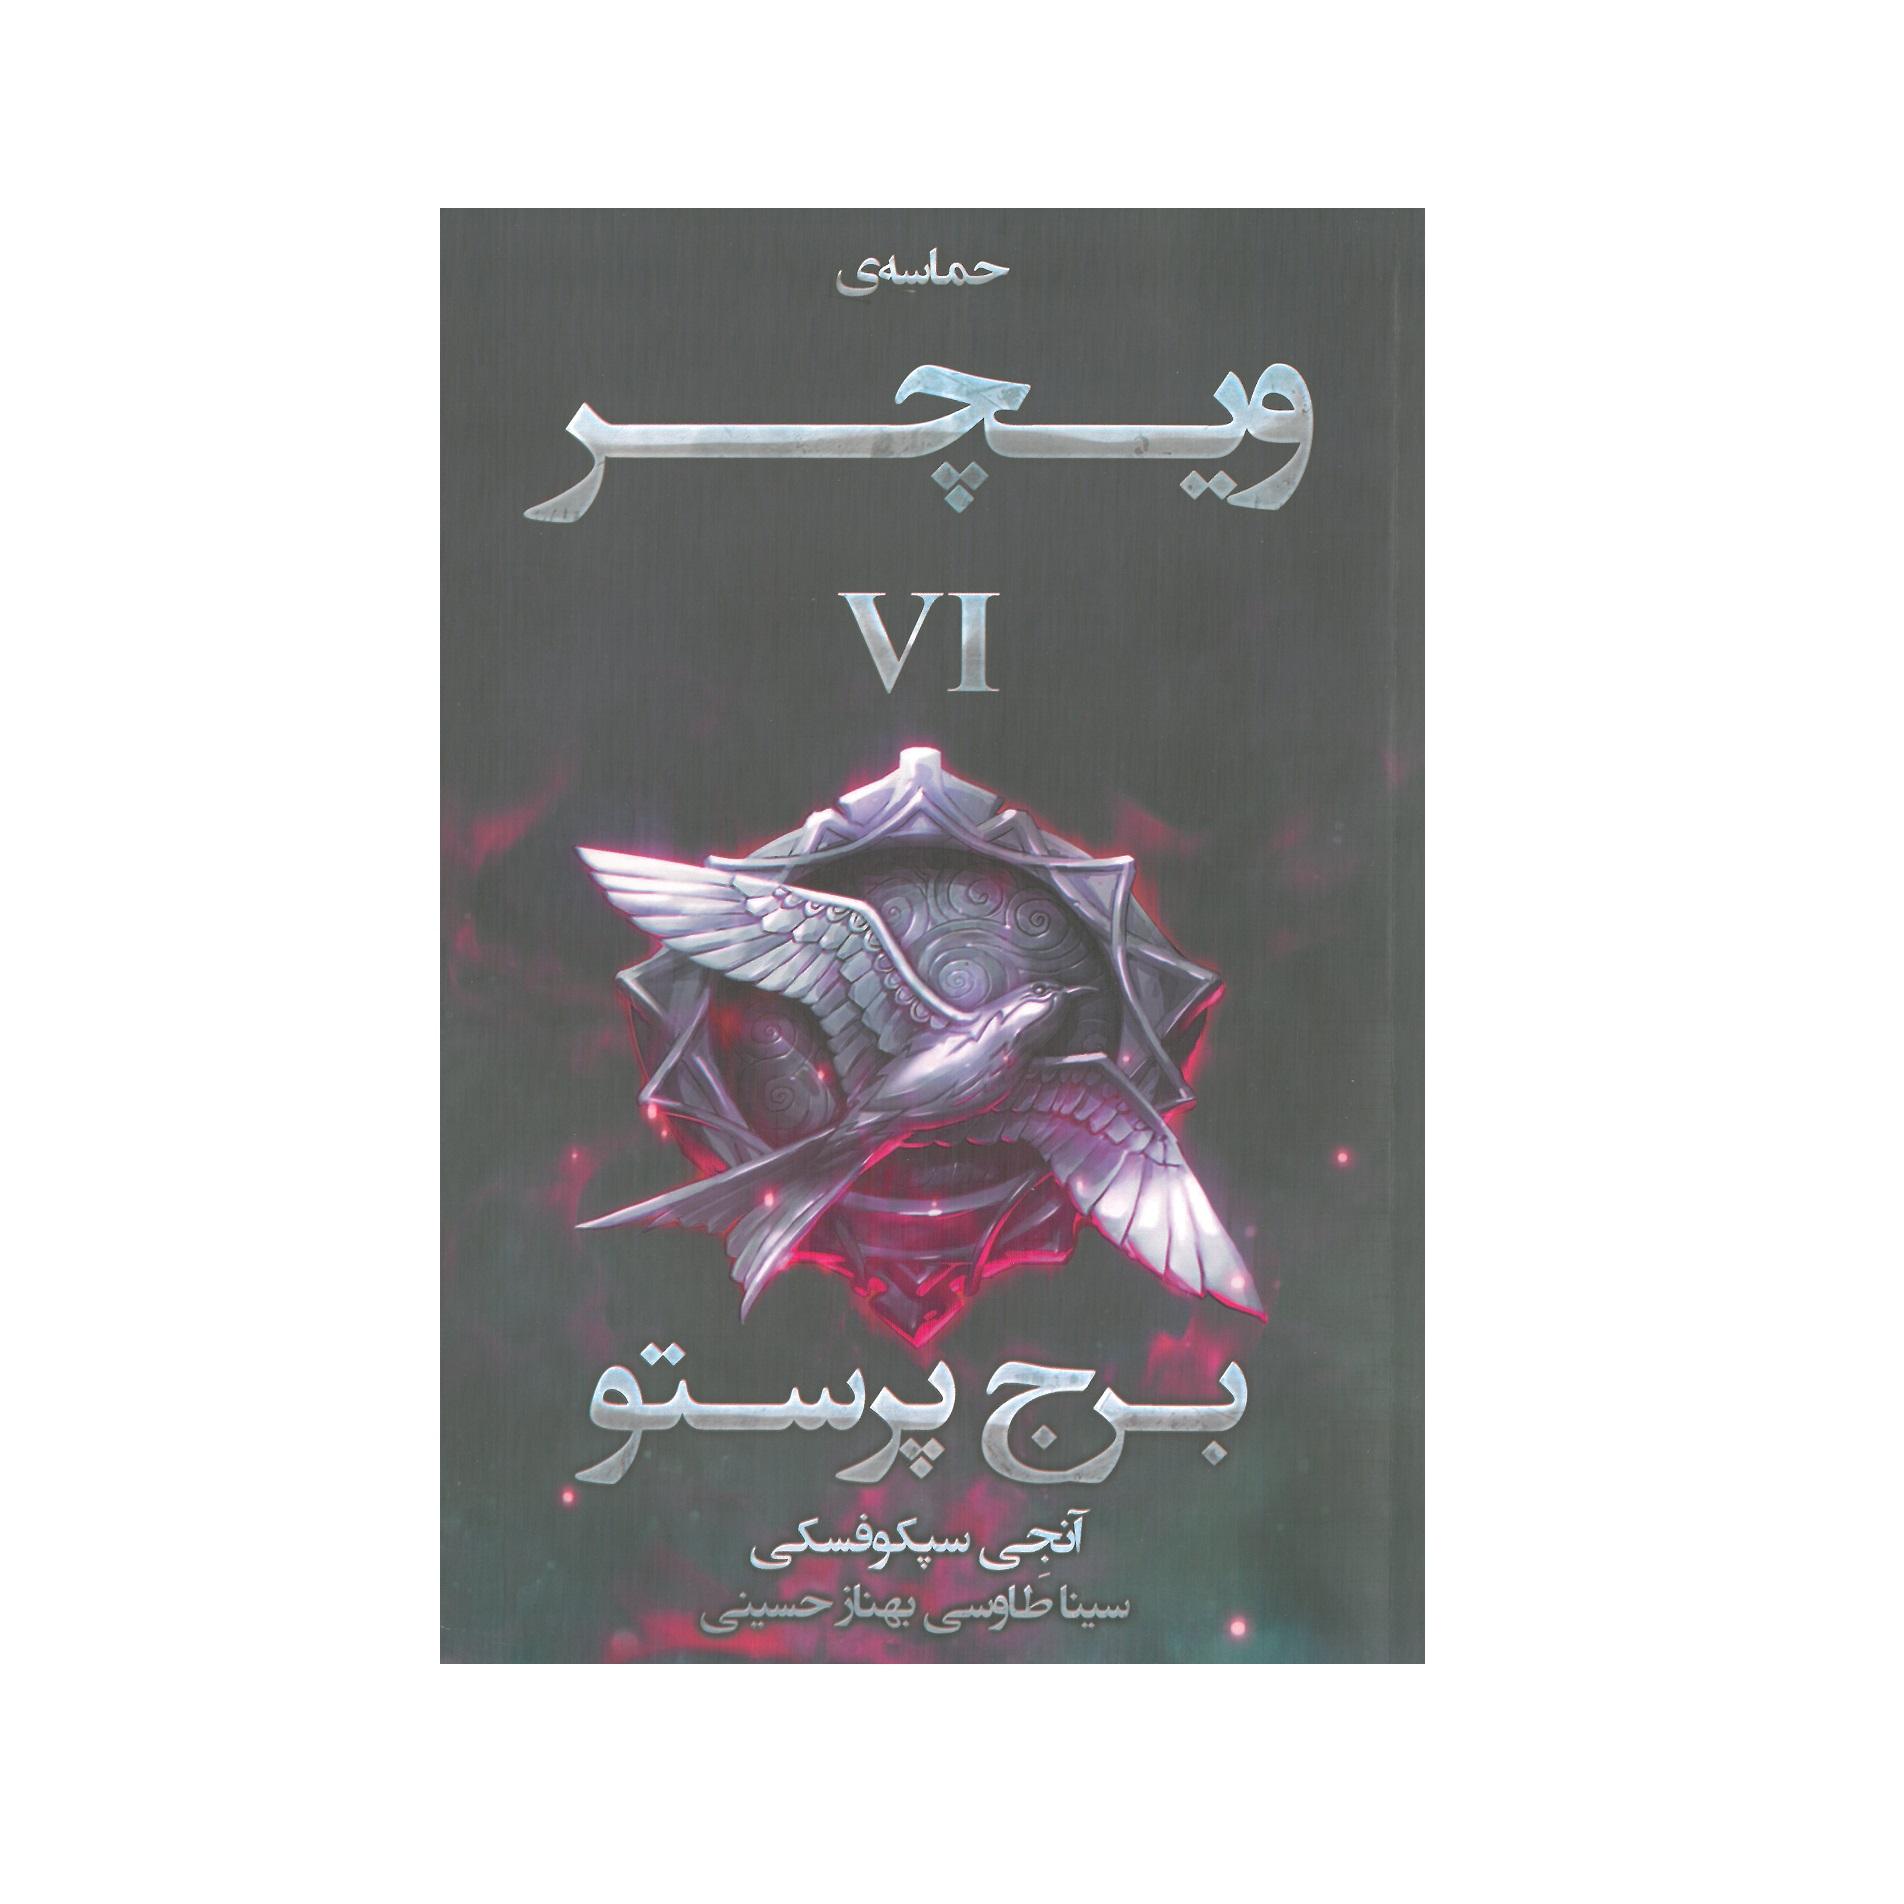 خرید                      کتاب حماسه ویچر برج پرستو اثر آنجی سپکوفسکی انتشارات آذرباد